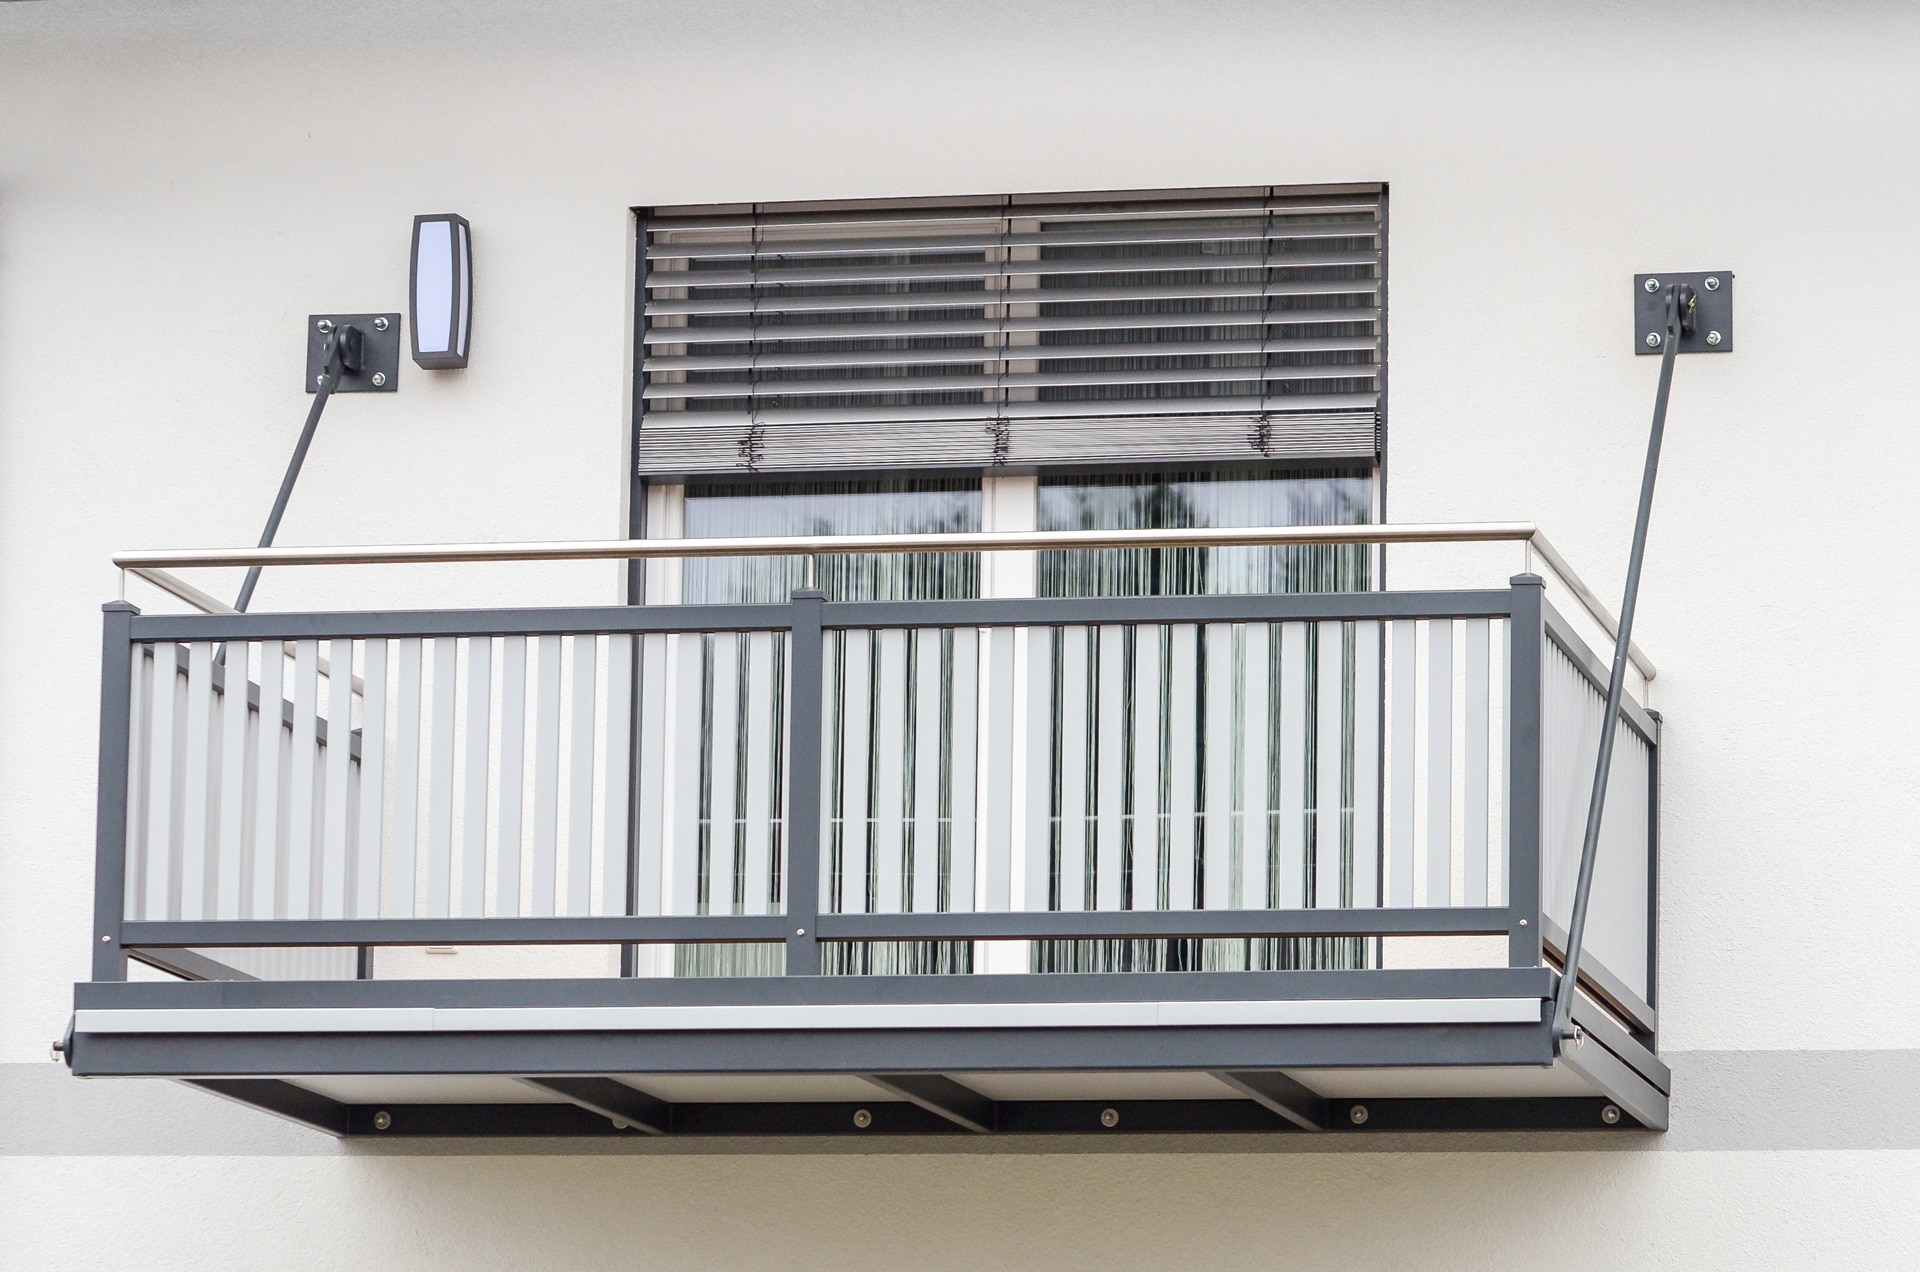 Zubau 05 a | selbstragender, an Wand aufgehängter Balkon aus Alu grau mit Latten-Geländer | Svoboda